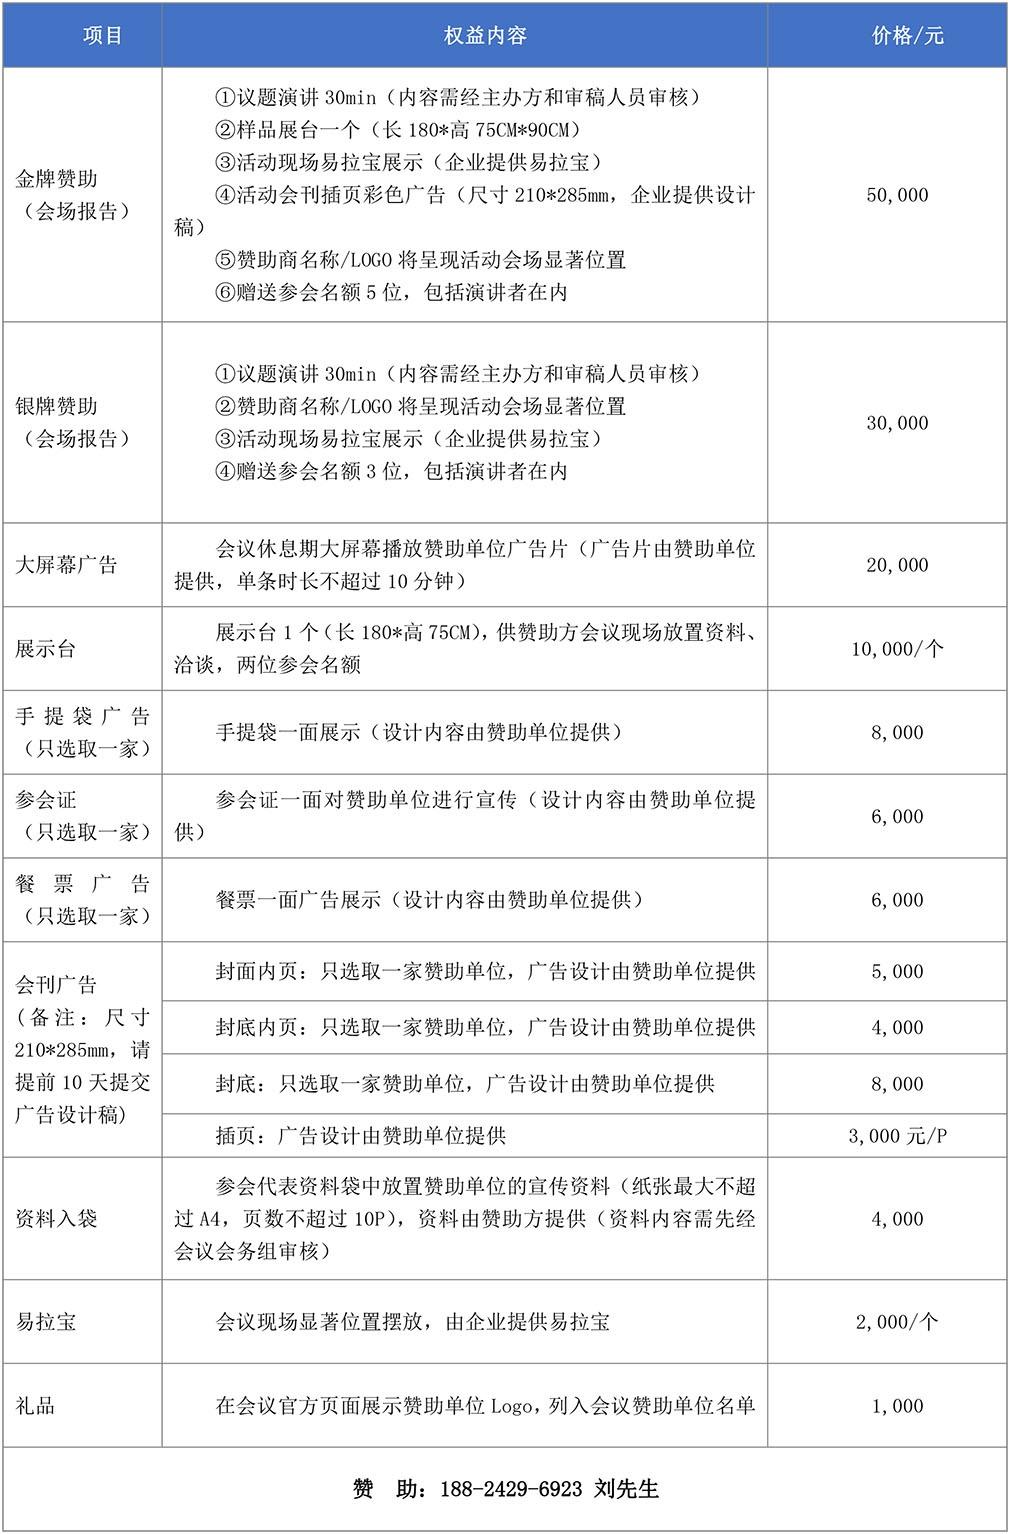 第三届中国智能硬件峰会暨首届采供对接会